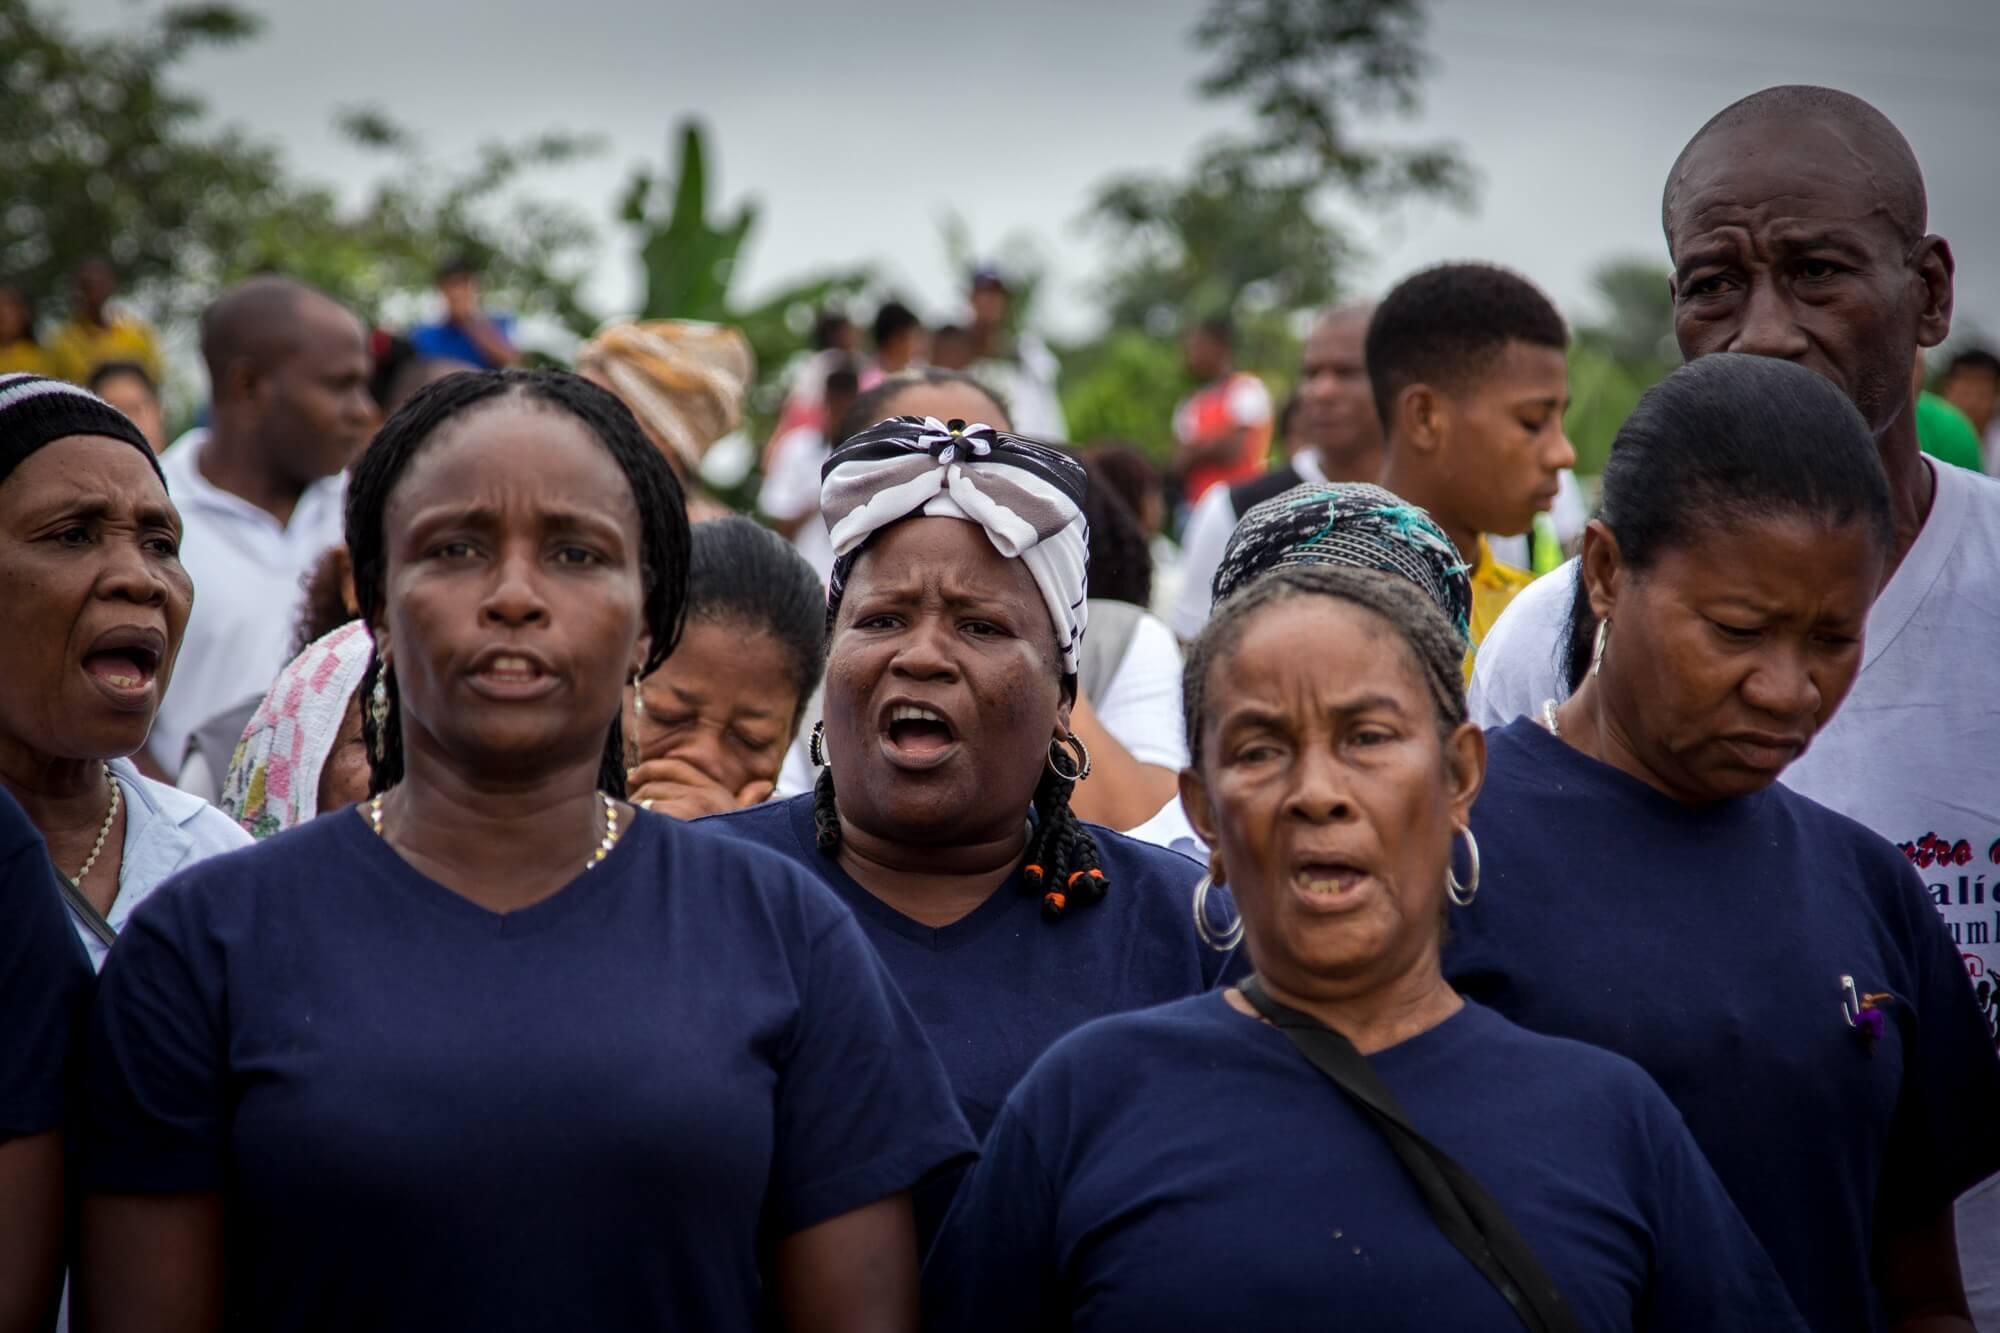 En 2019 creció la violencia contra la población civil: ONU